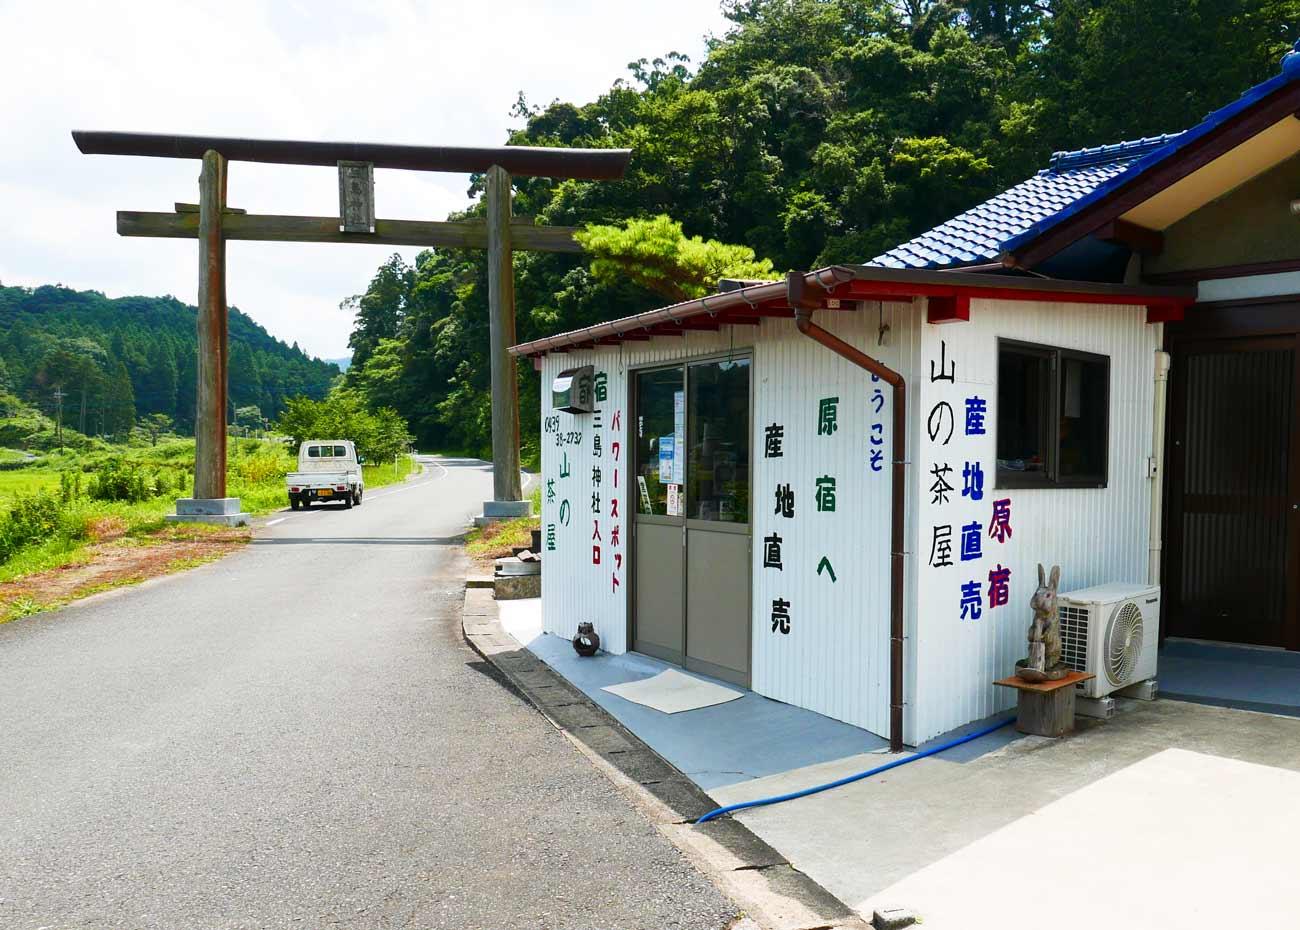 山の茶屋の店舗外観